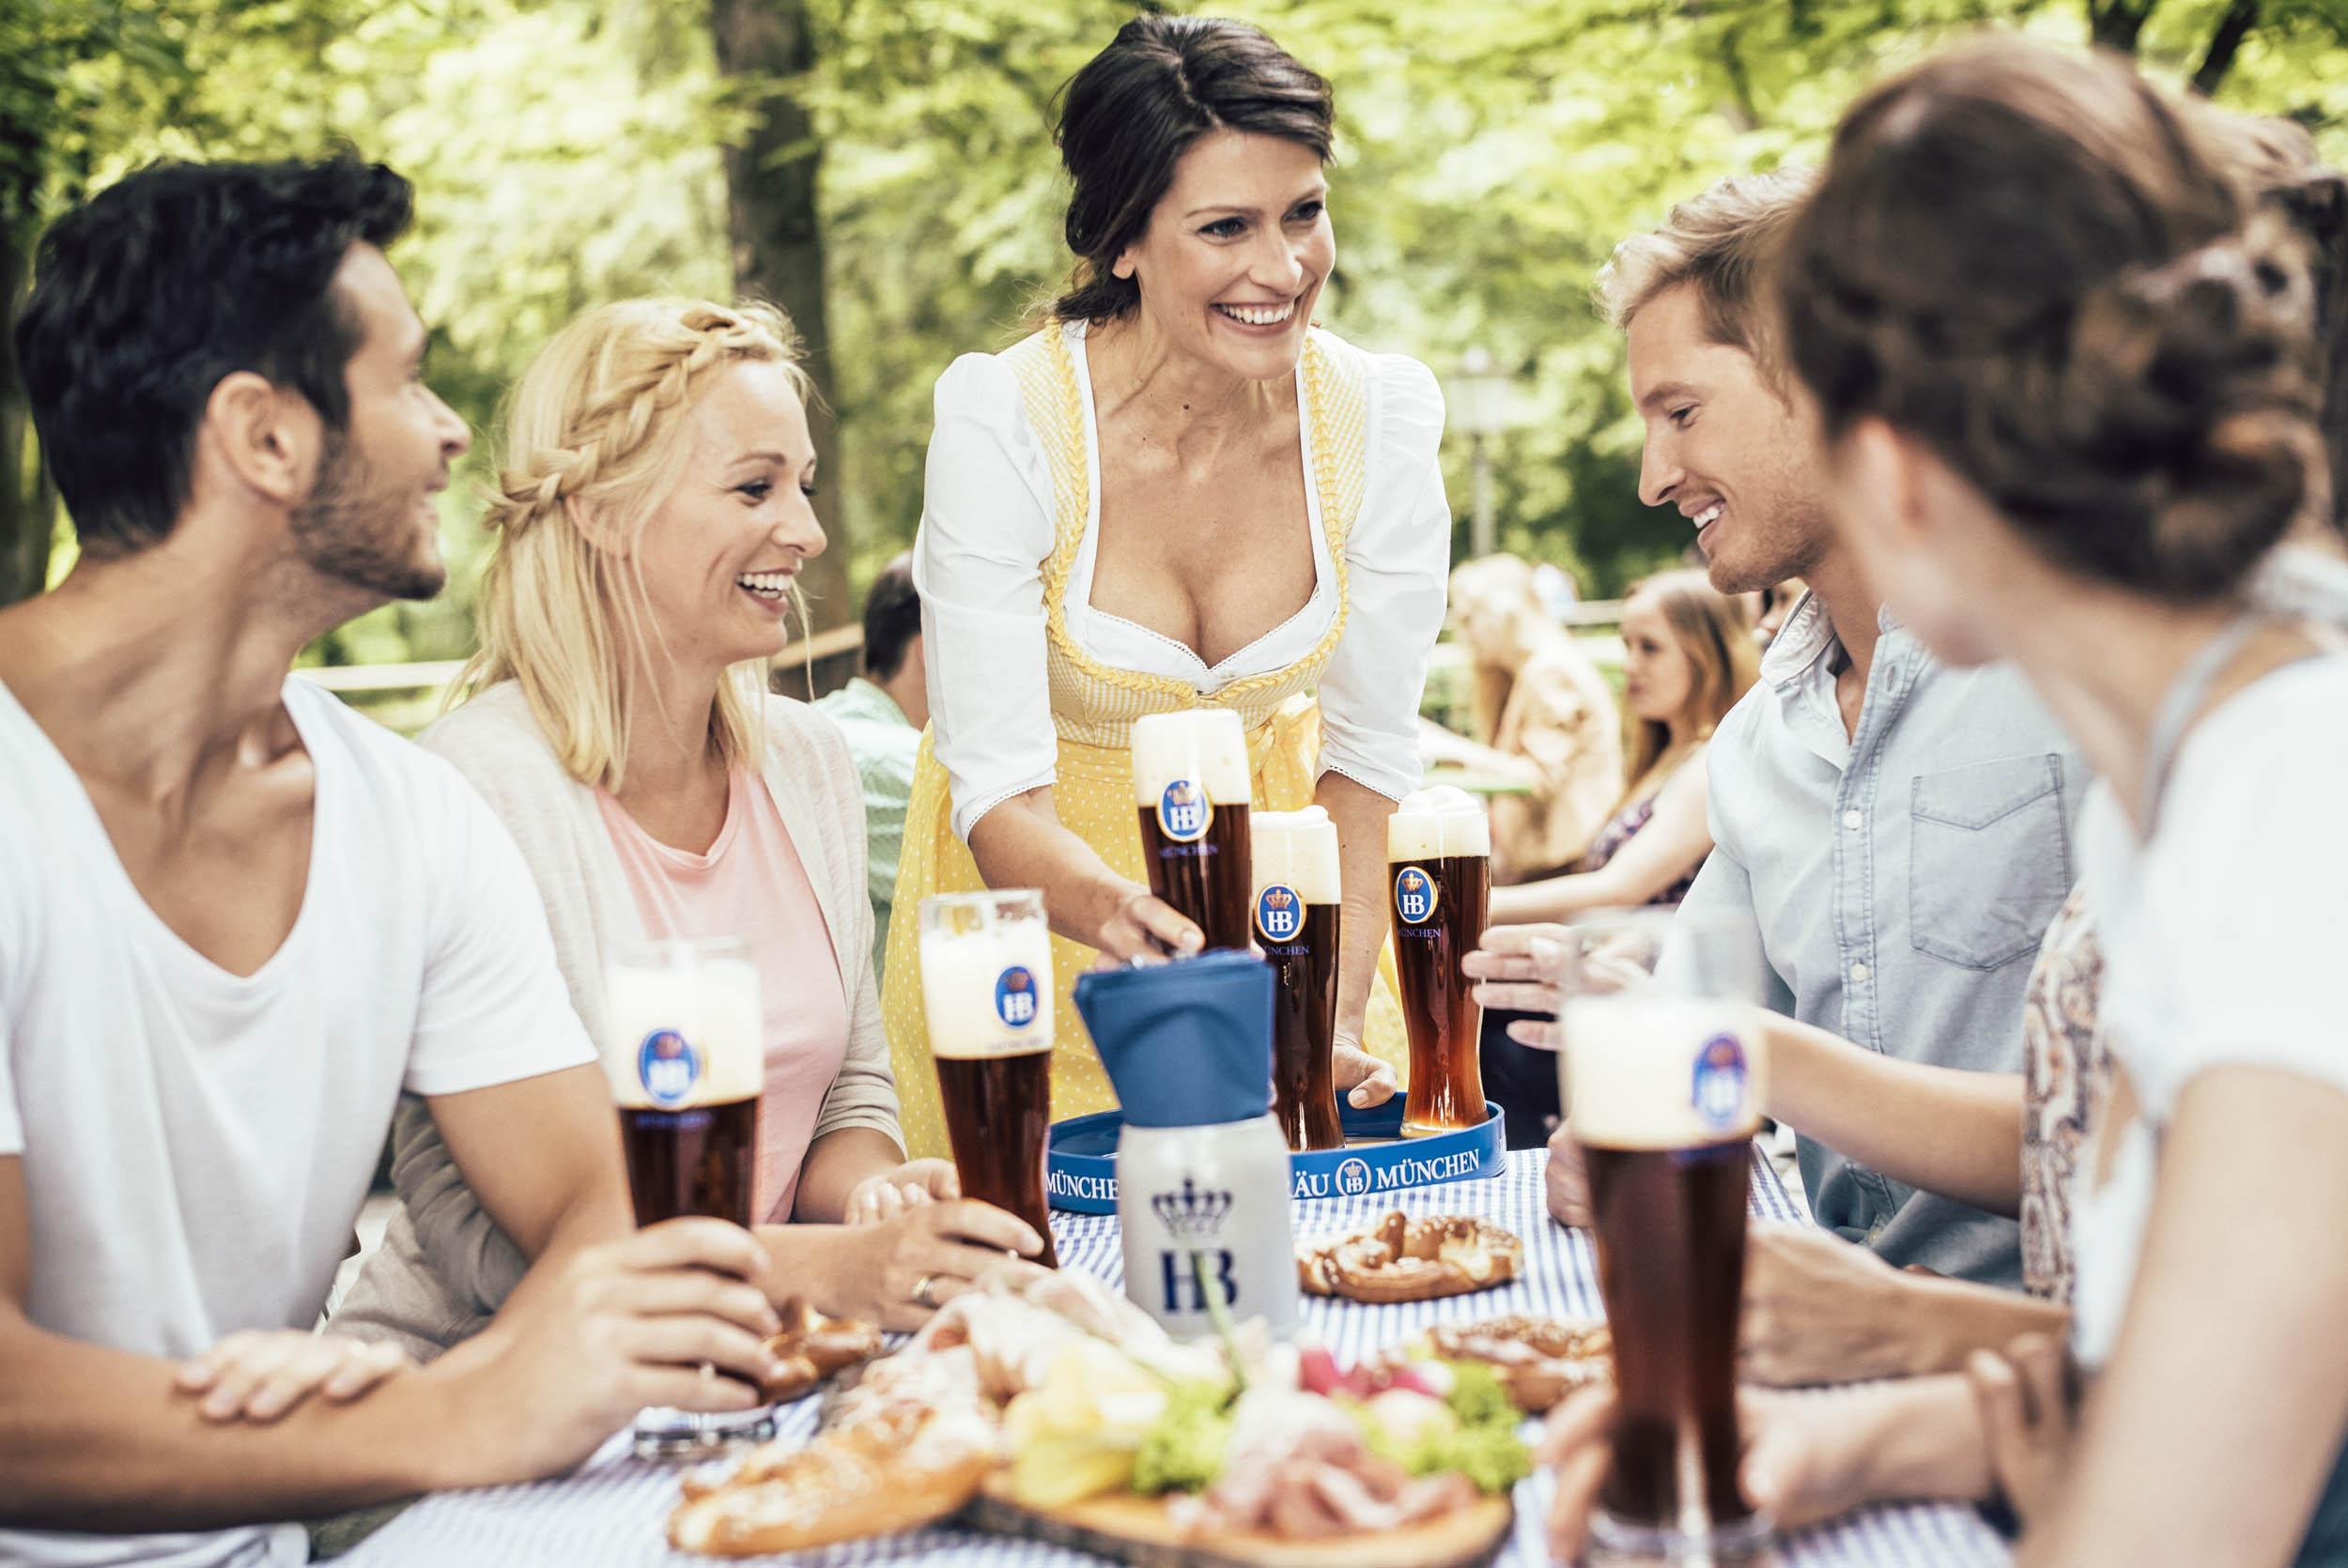 seifertuebler-lifestyle-hofbraeu-muenchen-oktoberfest-beer-06.jpg